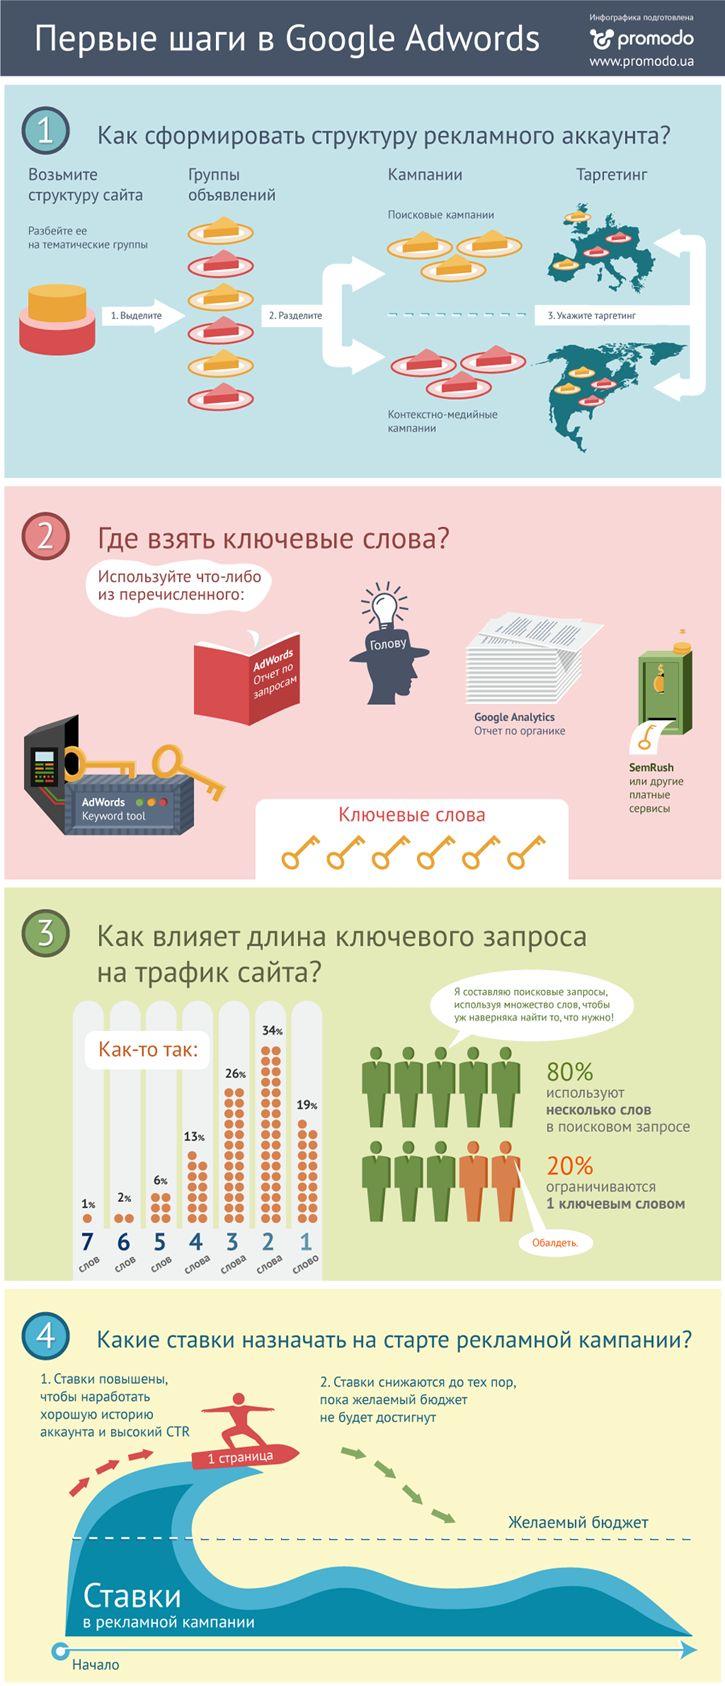 С чего начинать работу с Google AdWords (инфографика)